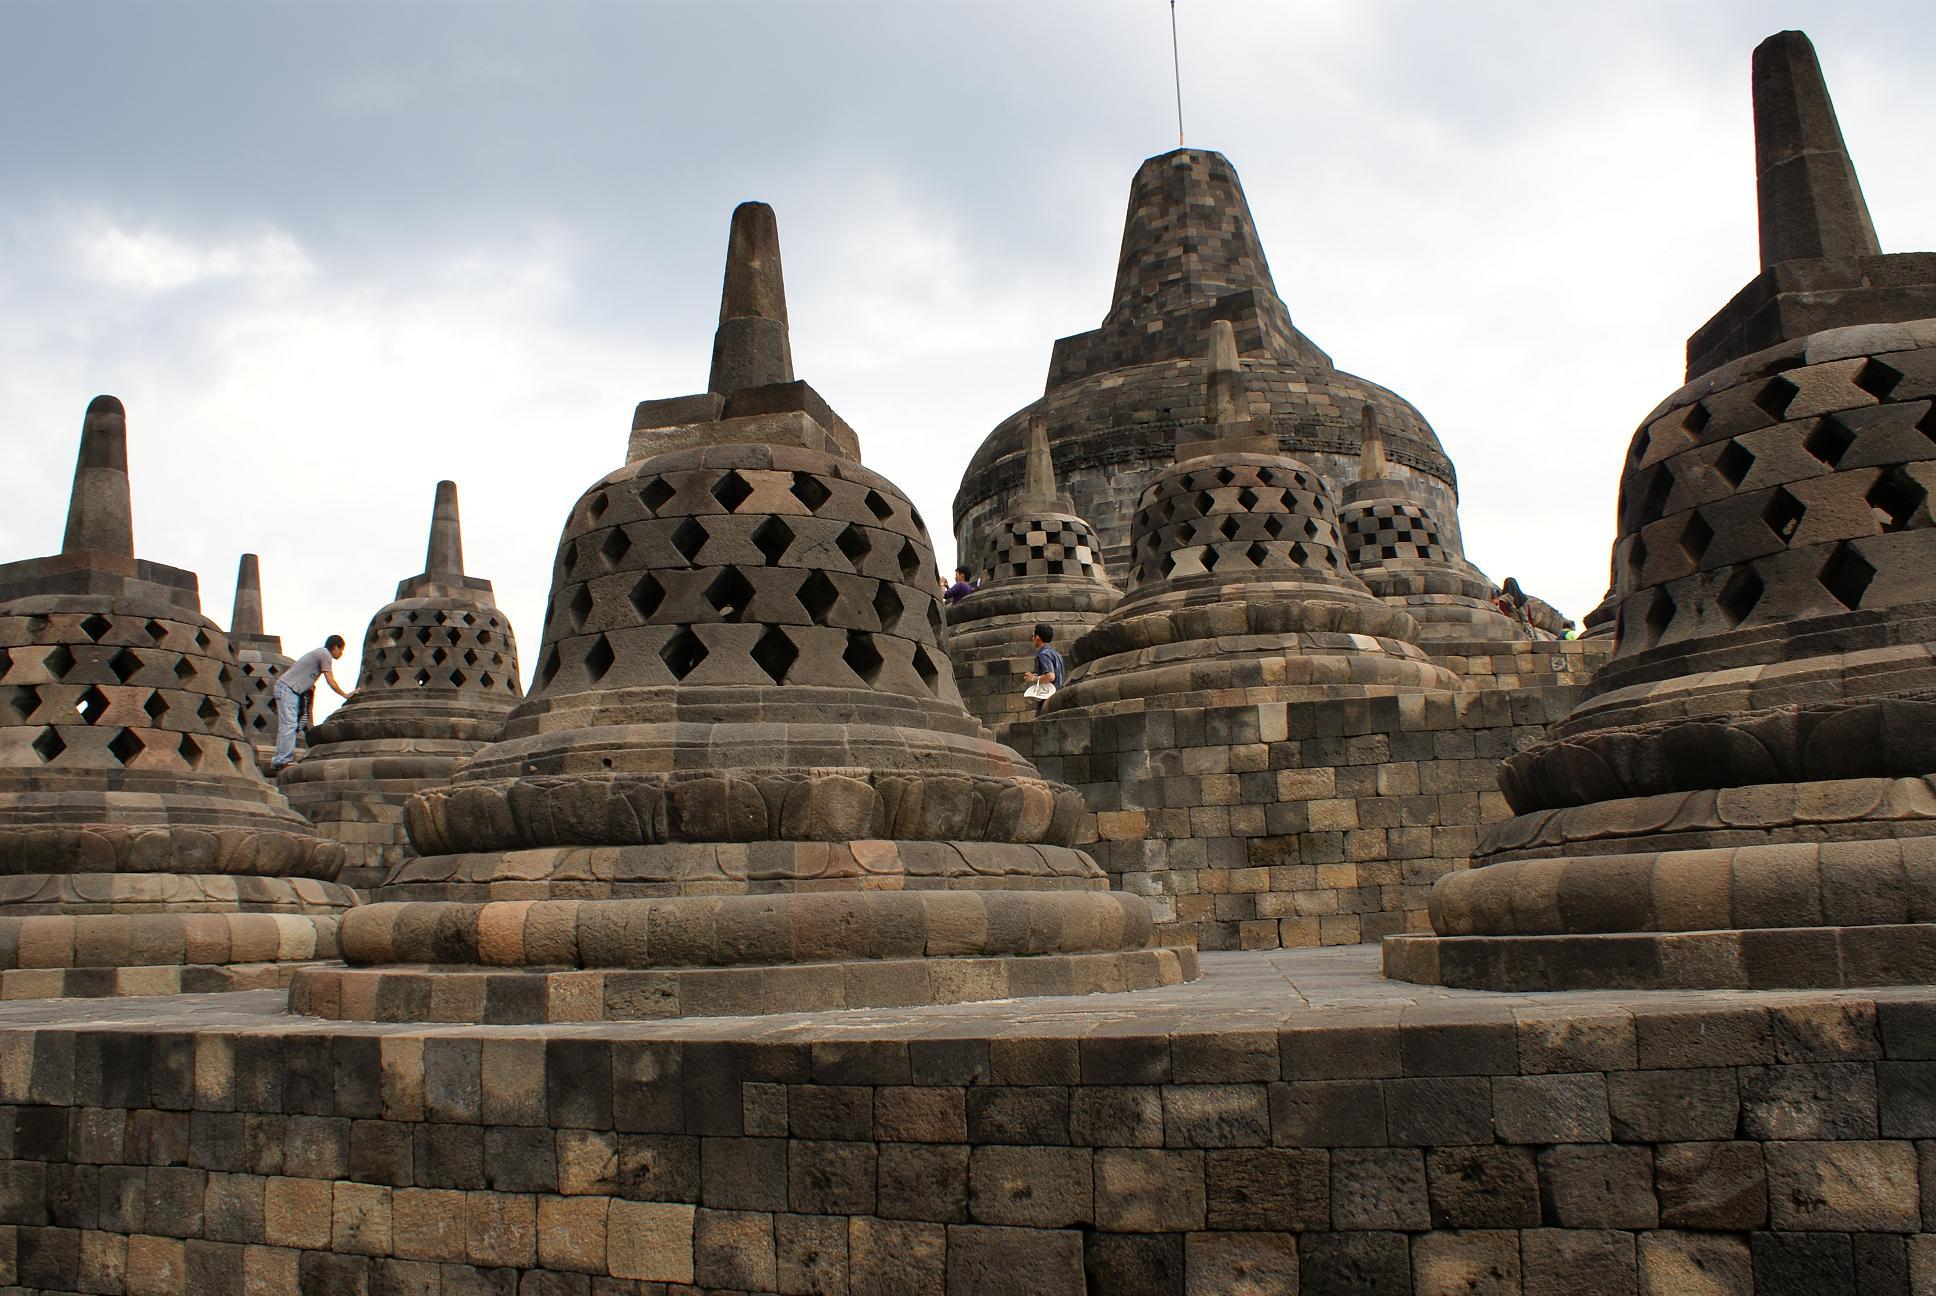 印度尼西亚婆罗佛屠佛塔(borobudur),普兰巴南寺庙群